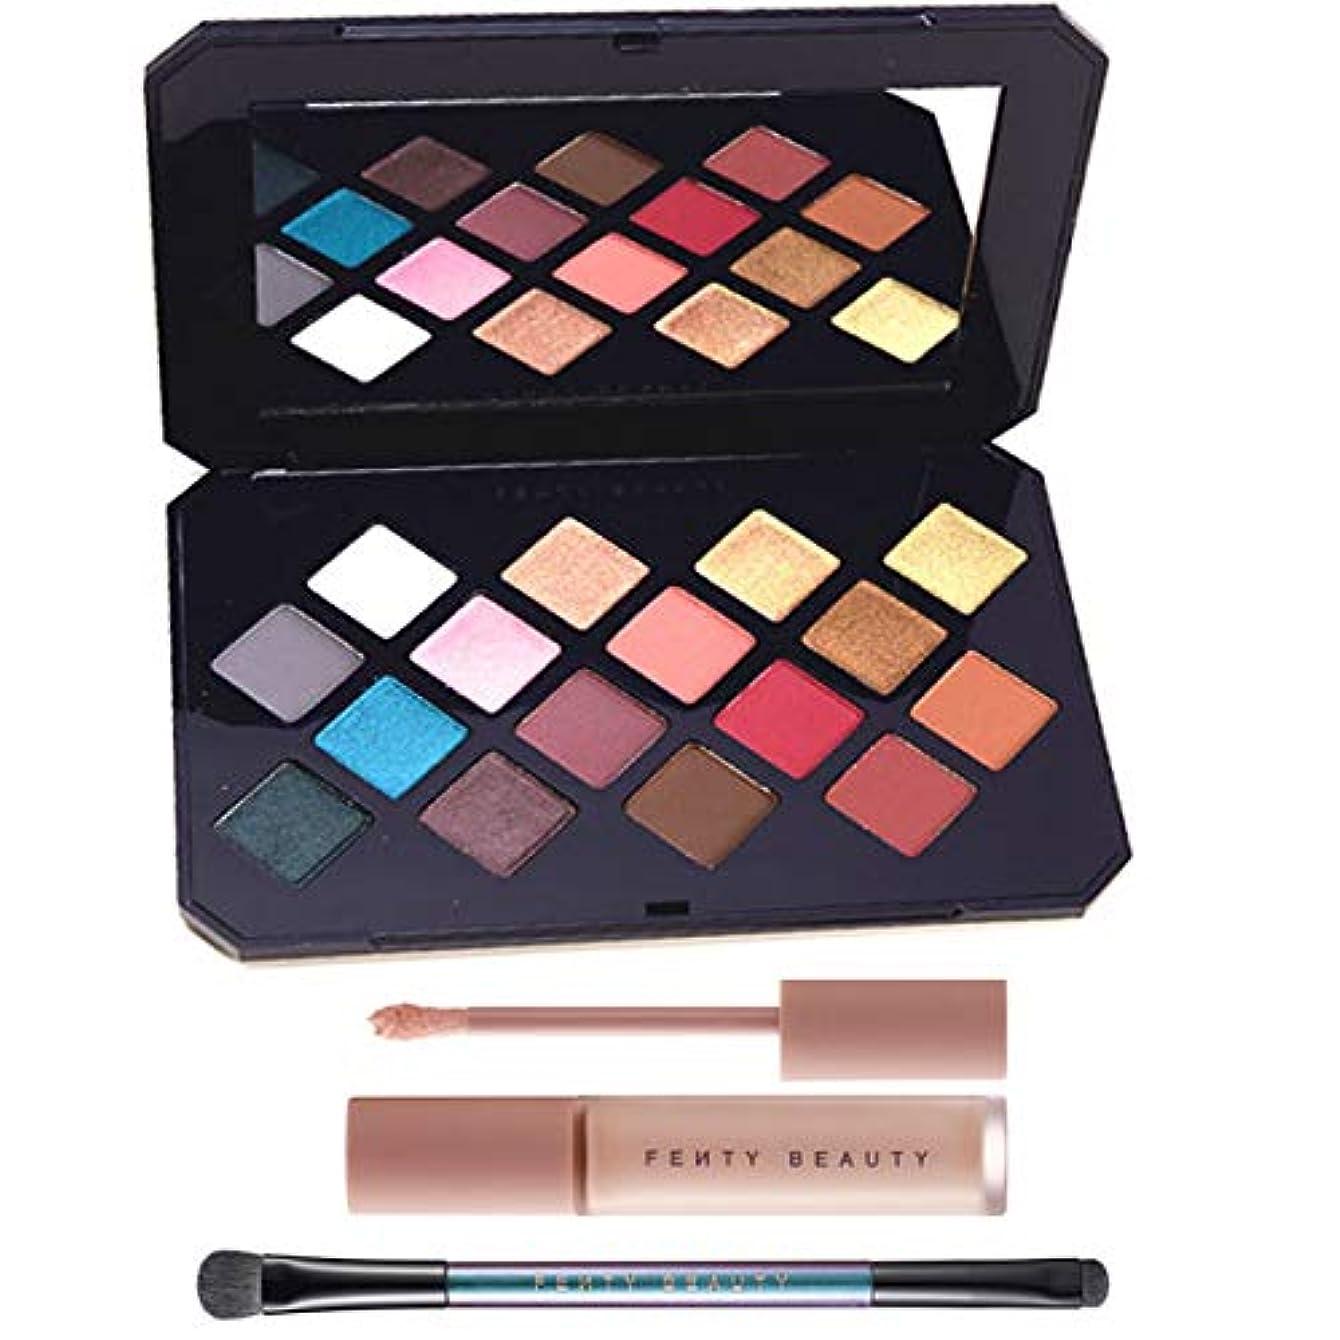 絶望兄増加するFENTY BEAUTY BY RIHANNA, Moroccan Spice Eyeshadow Palette & Eye Essentials [海外直送品] [並行輸入品]